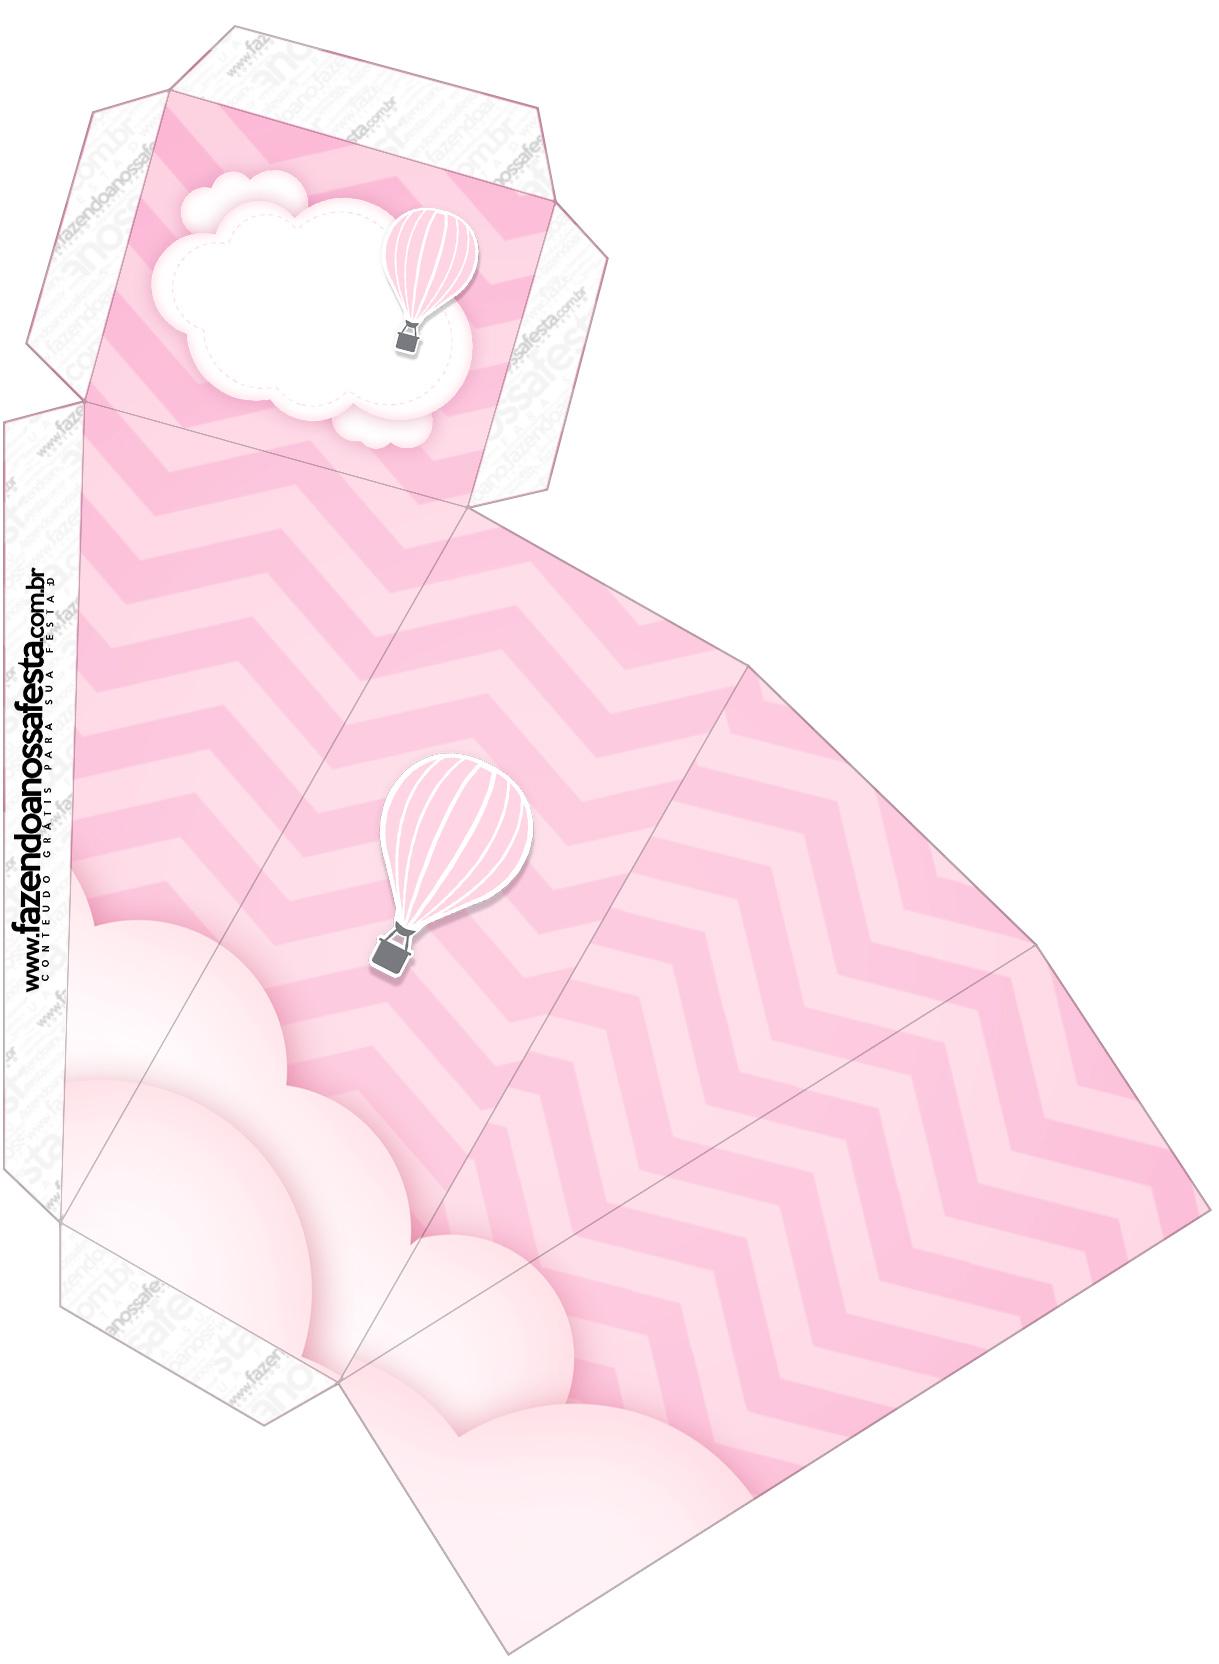 Caixa Fatia Balão de Ar Quente Rosa